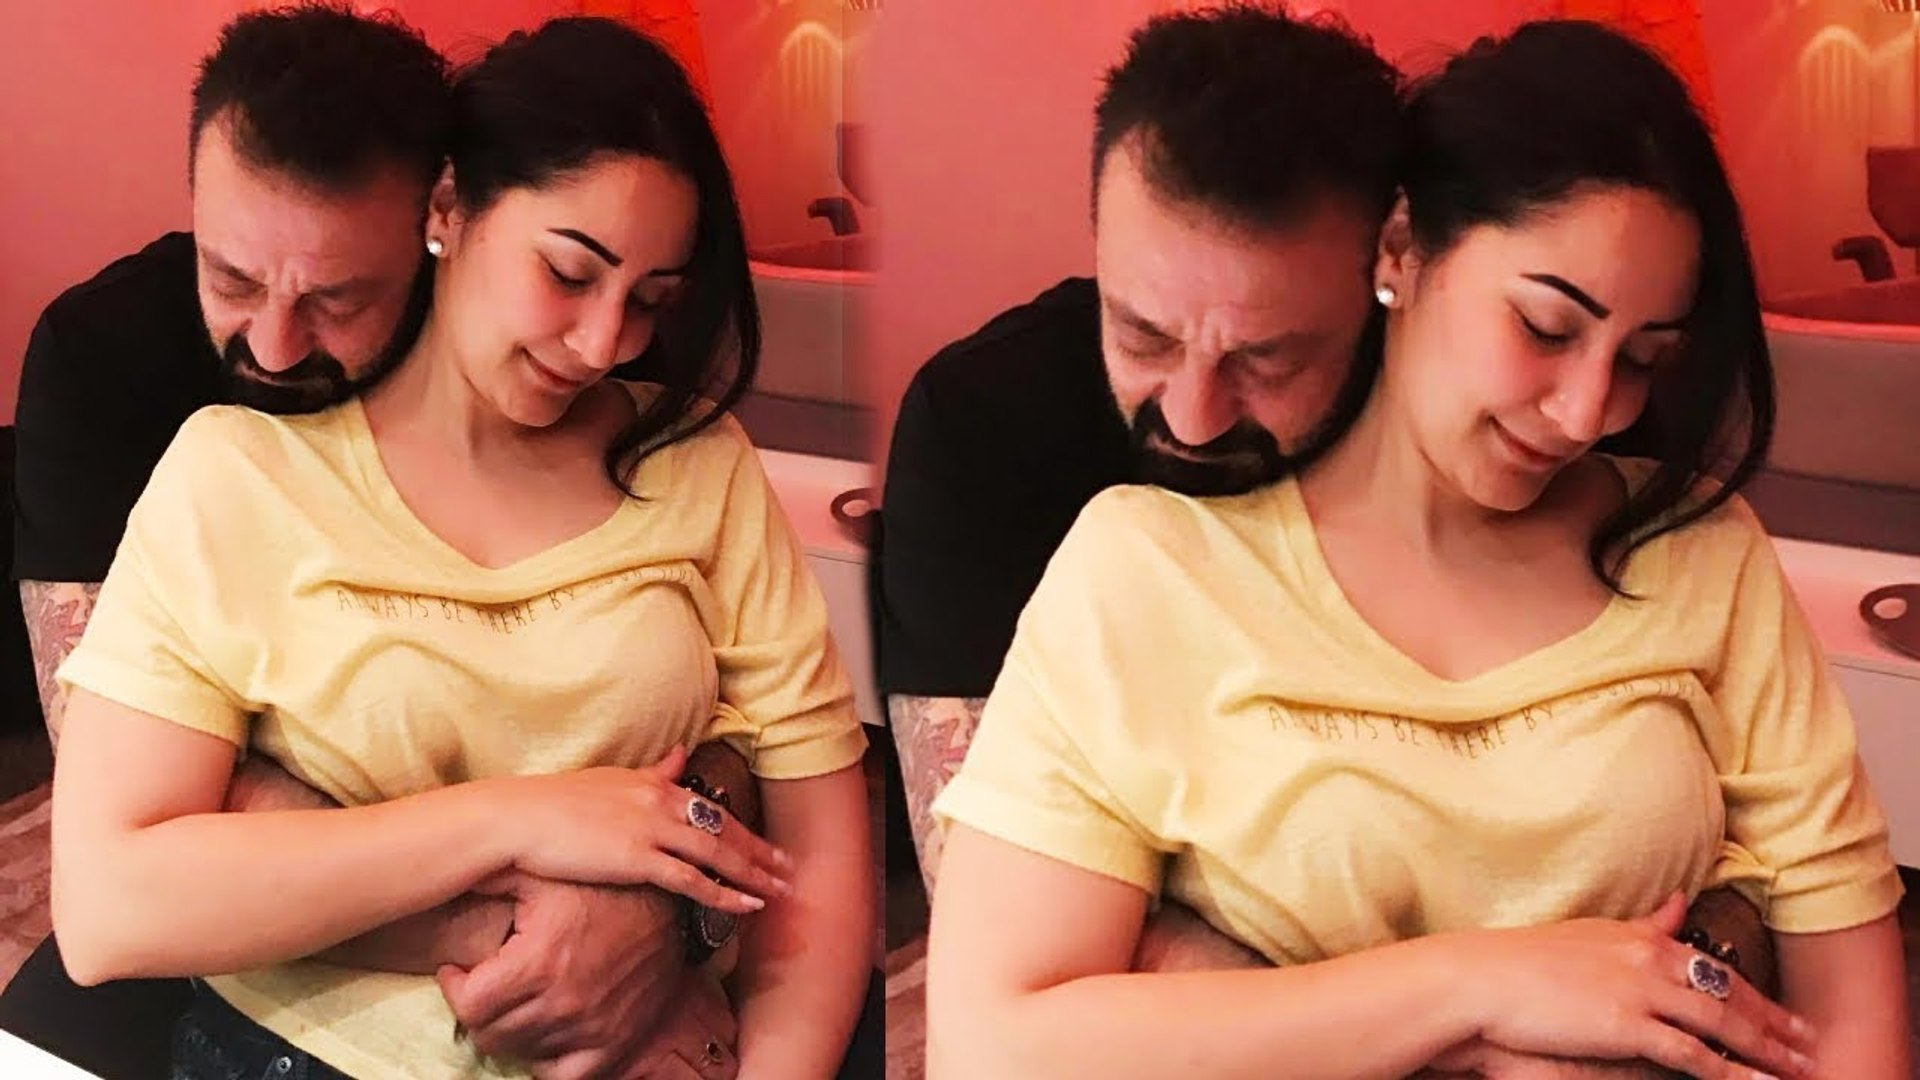 LOVE BONDING Between Sanjay Dutt And His Wife Manyata Dutt - Unseen Videos And Pics